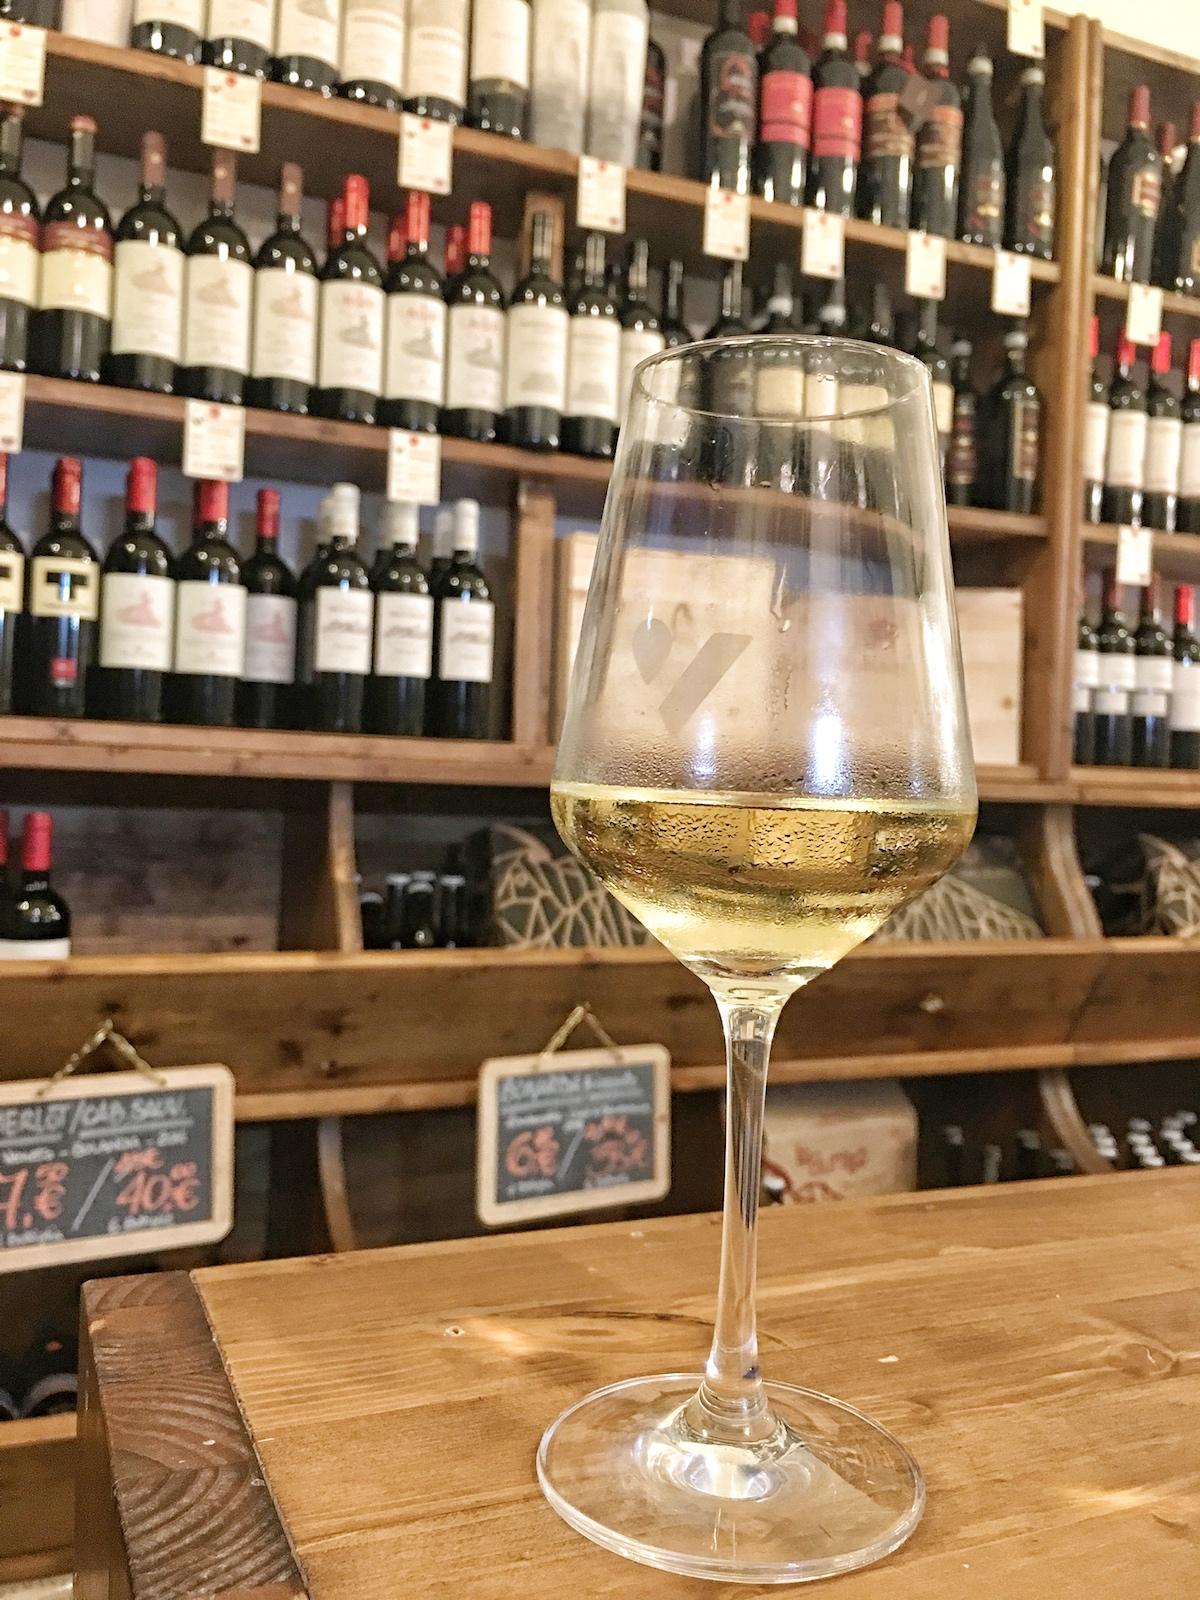 ... vinaccio il vinaccio milano il vinaccio proposte il vinaccio selezione